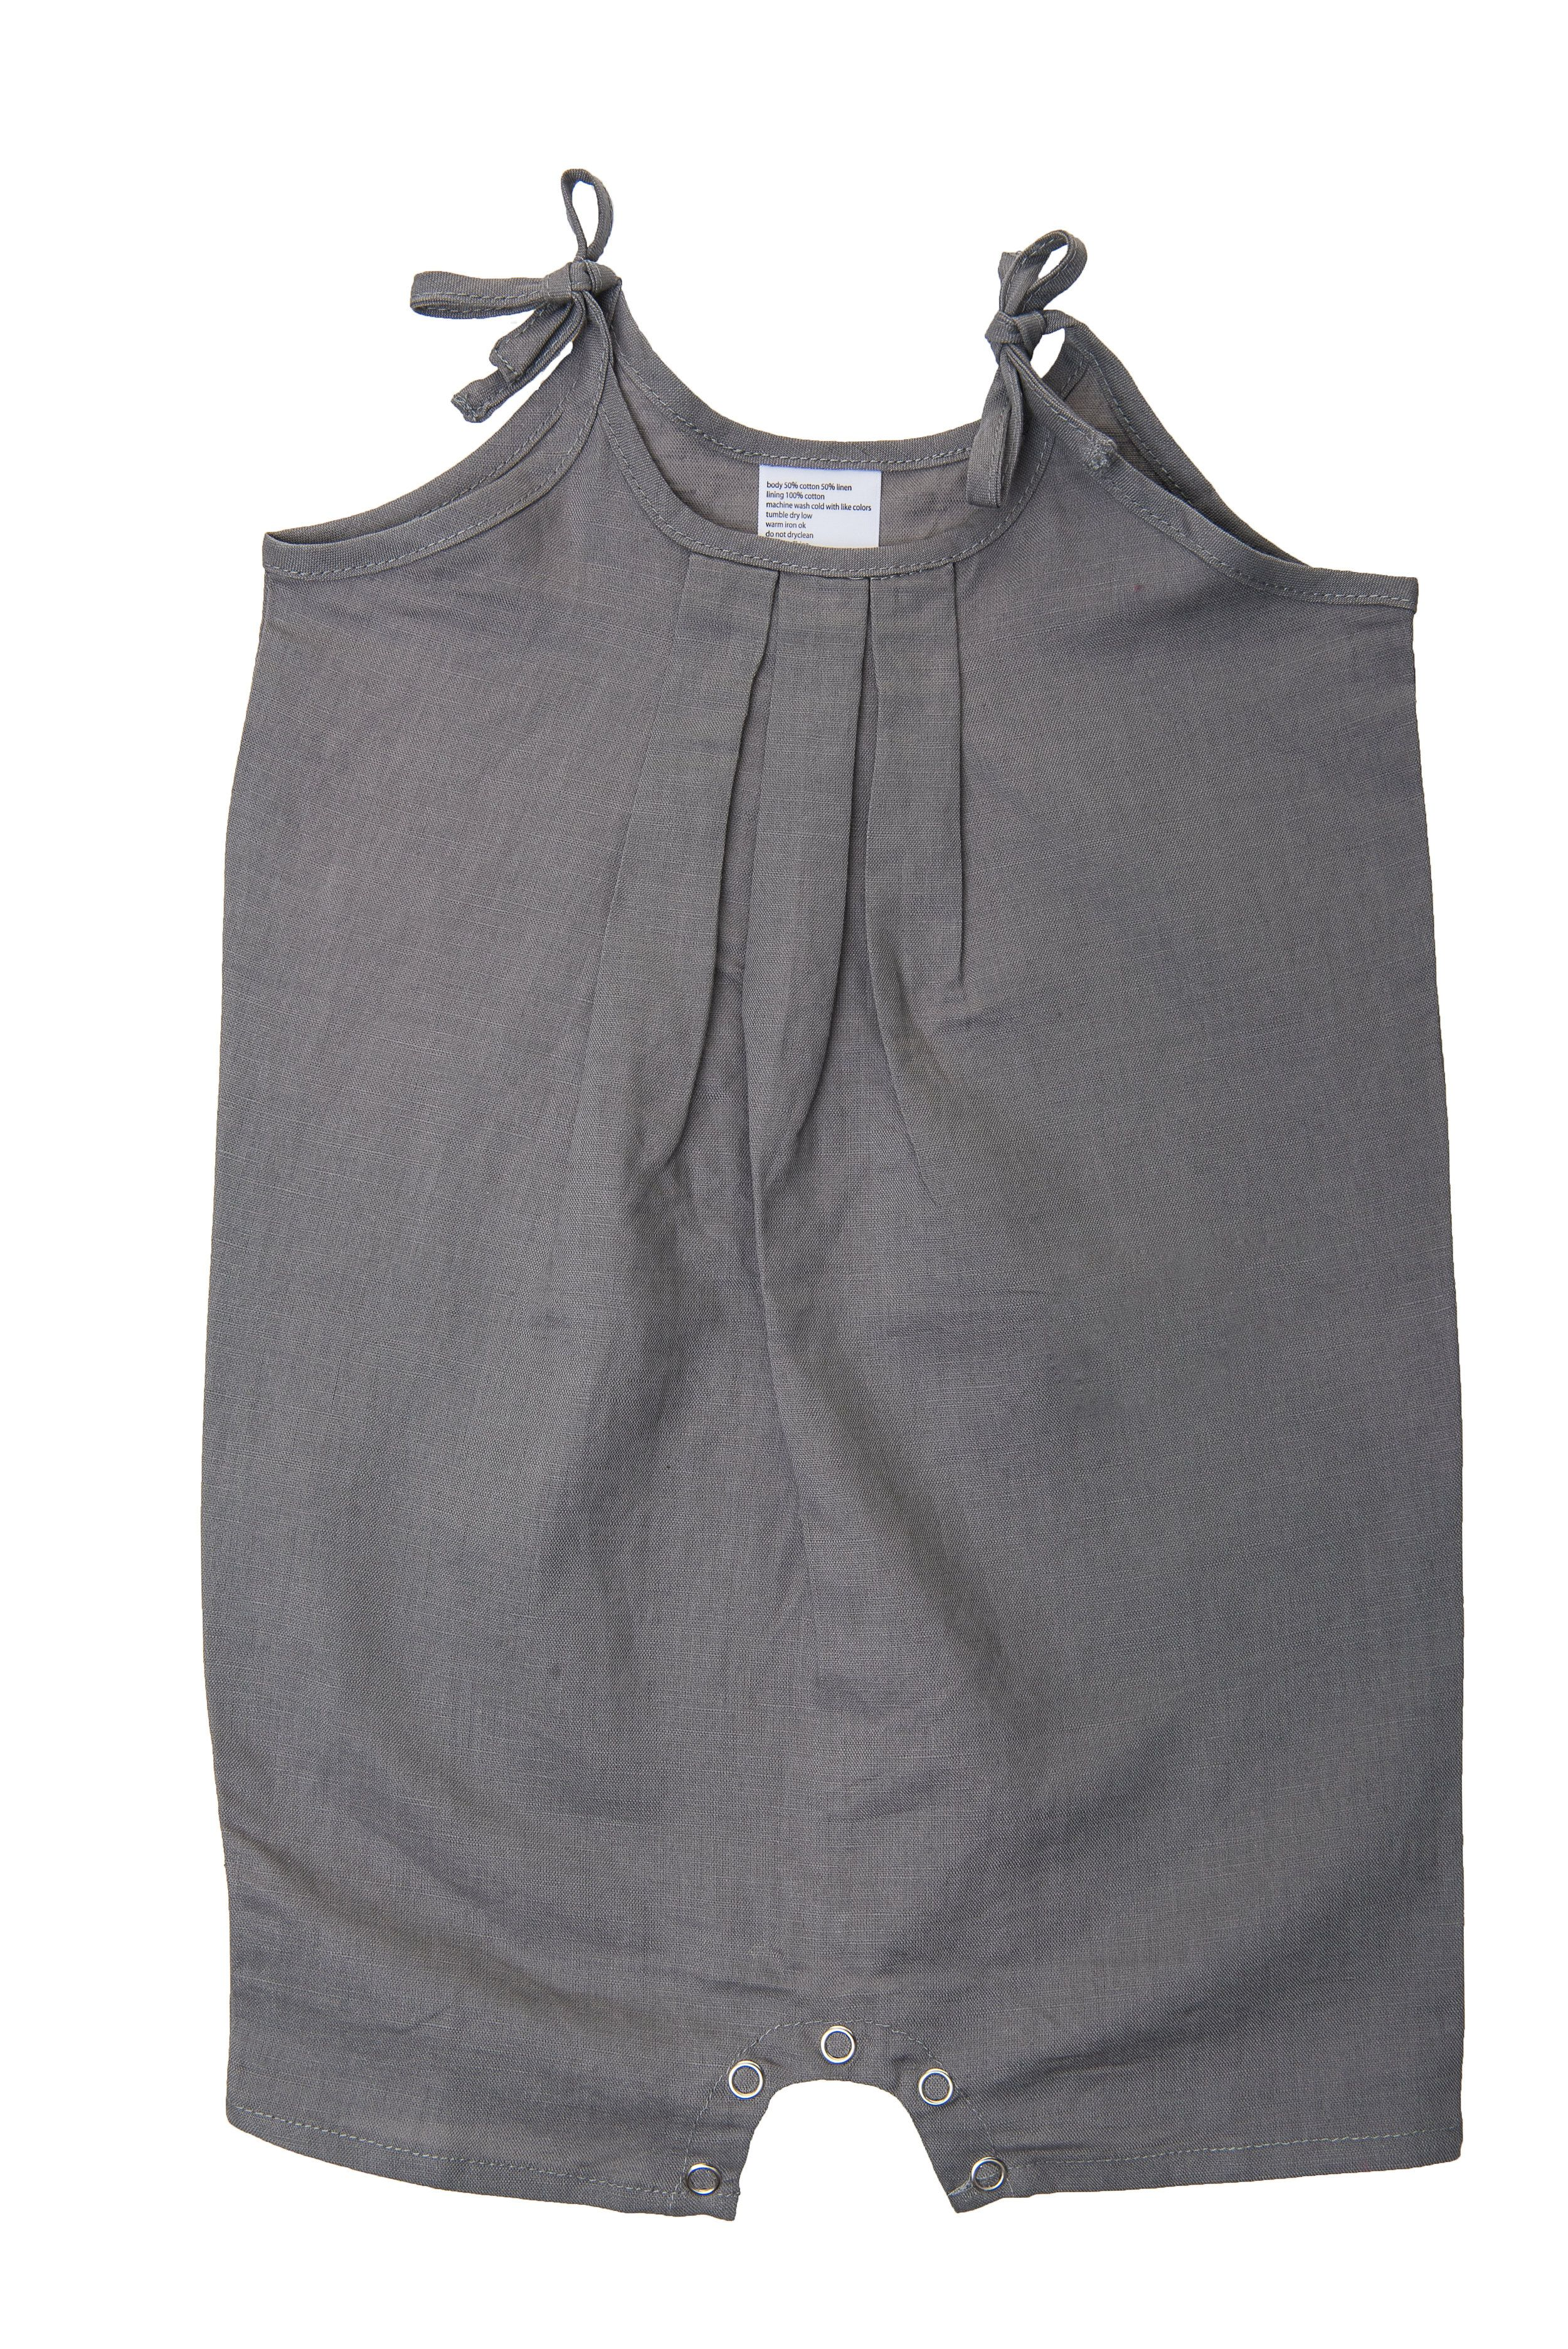 defb01a9ba0 Grey Linen Romper With Ties